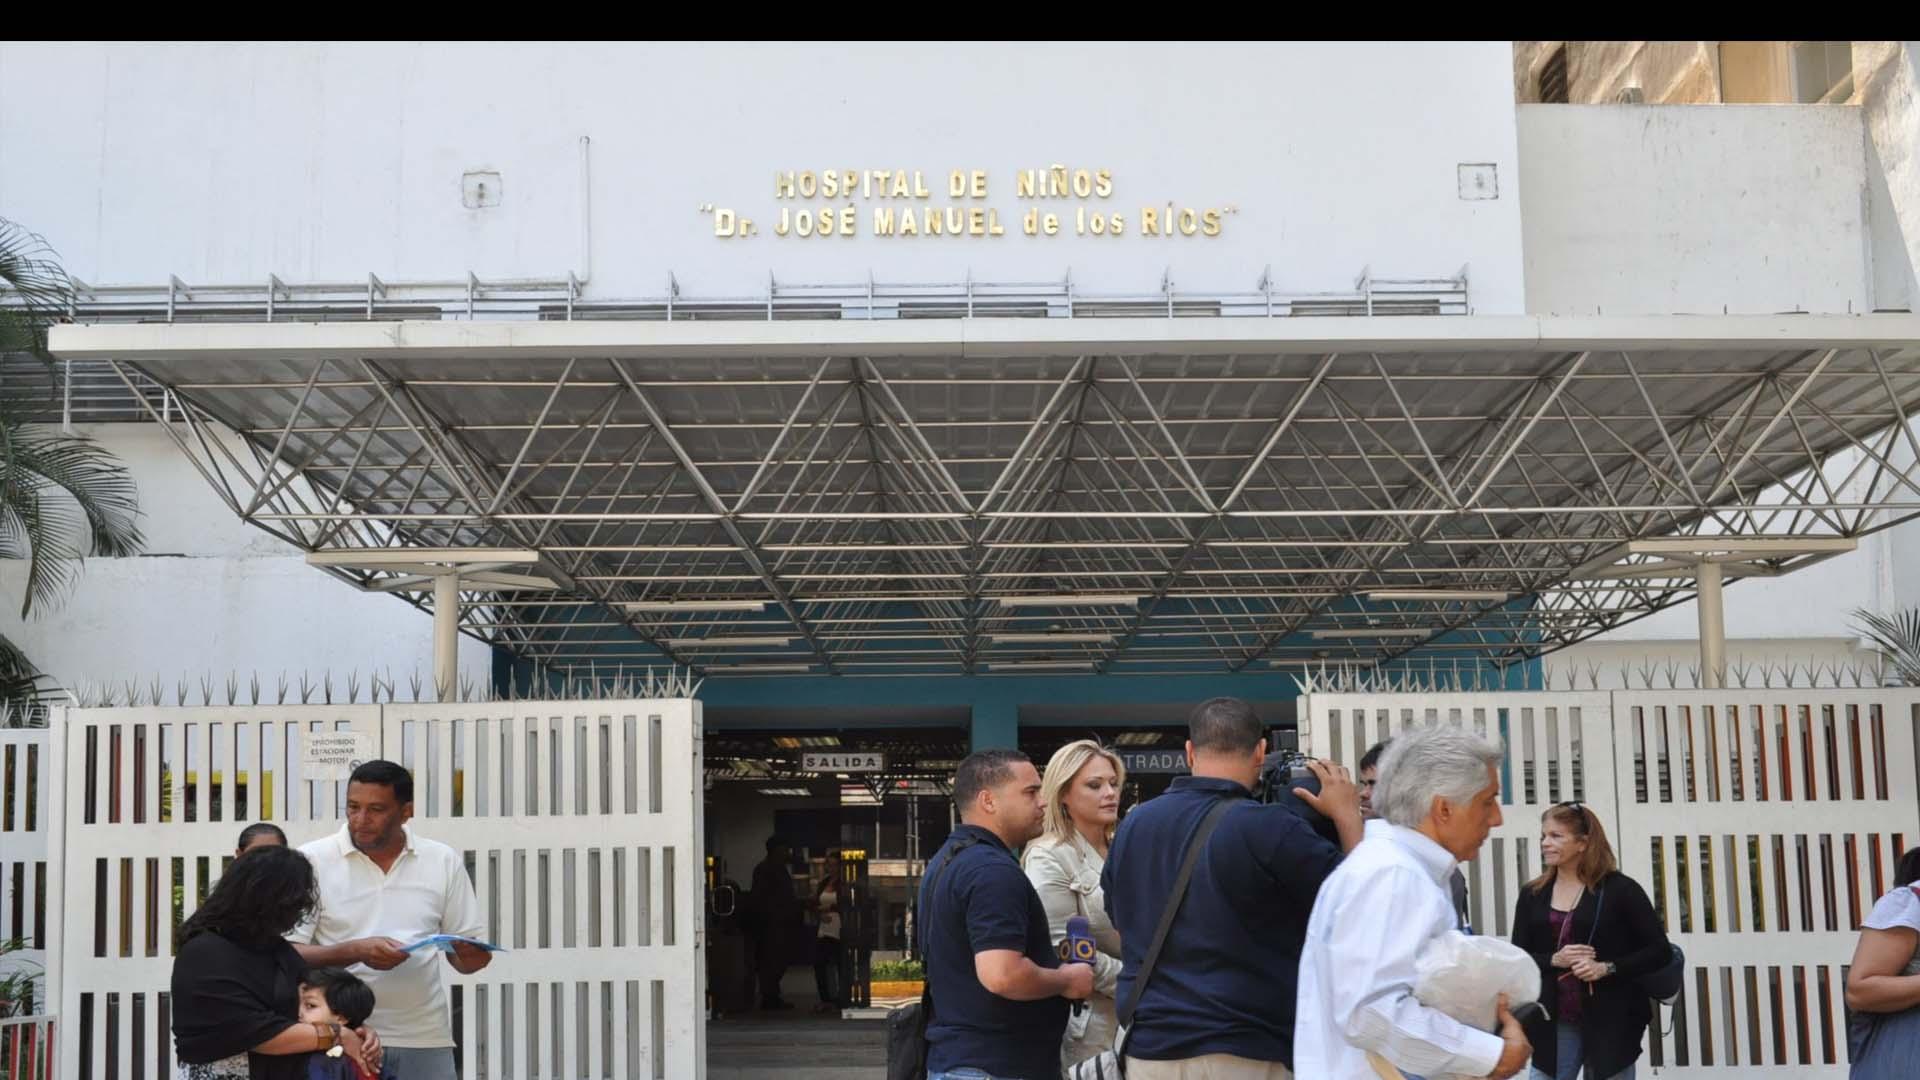 Madres de los pacientes protestaron a las afueras del recinto y exigieron soluciones a las autoridades pertinentes